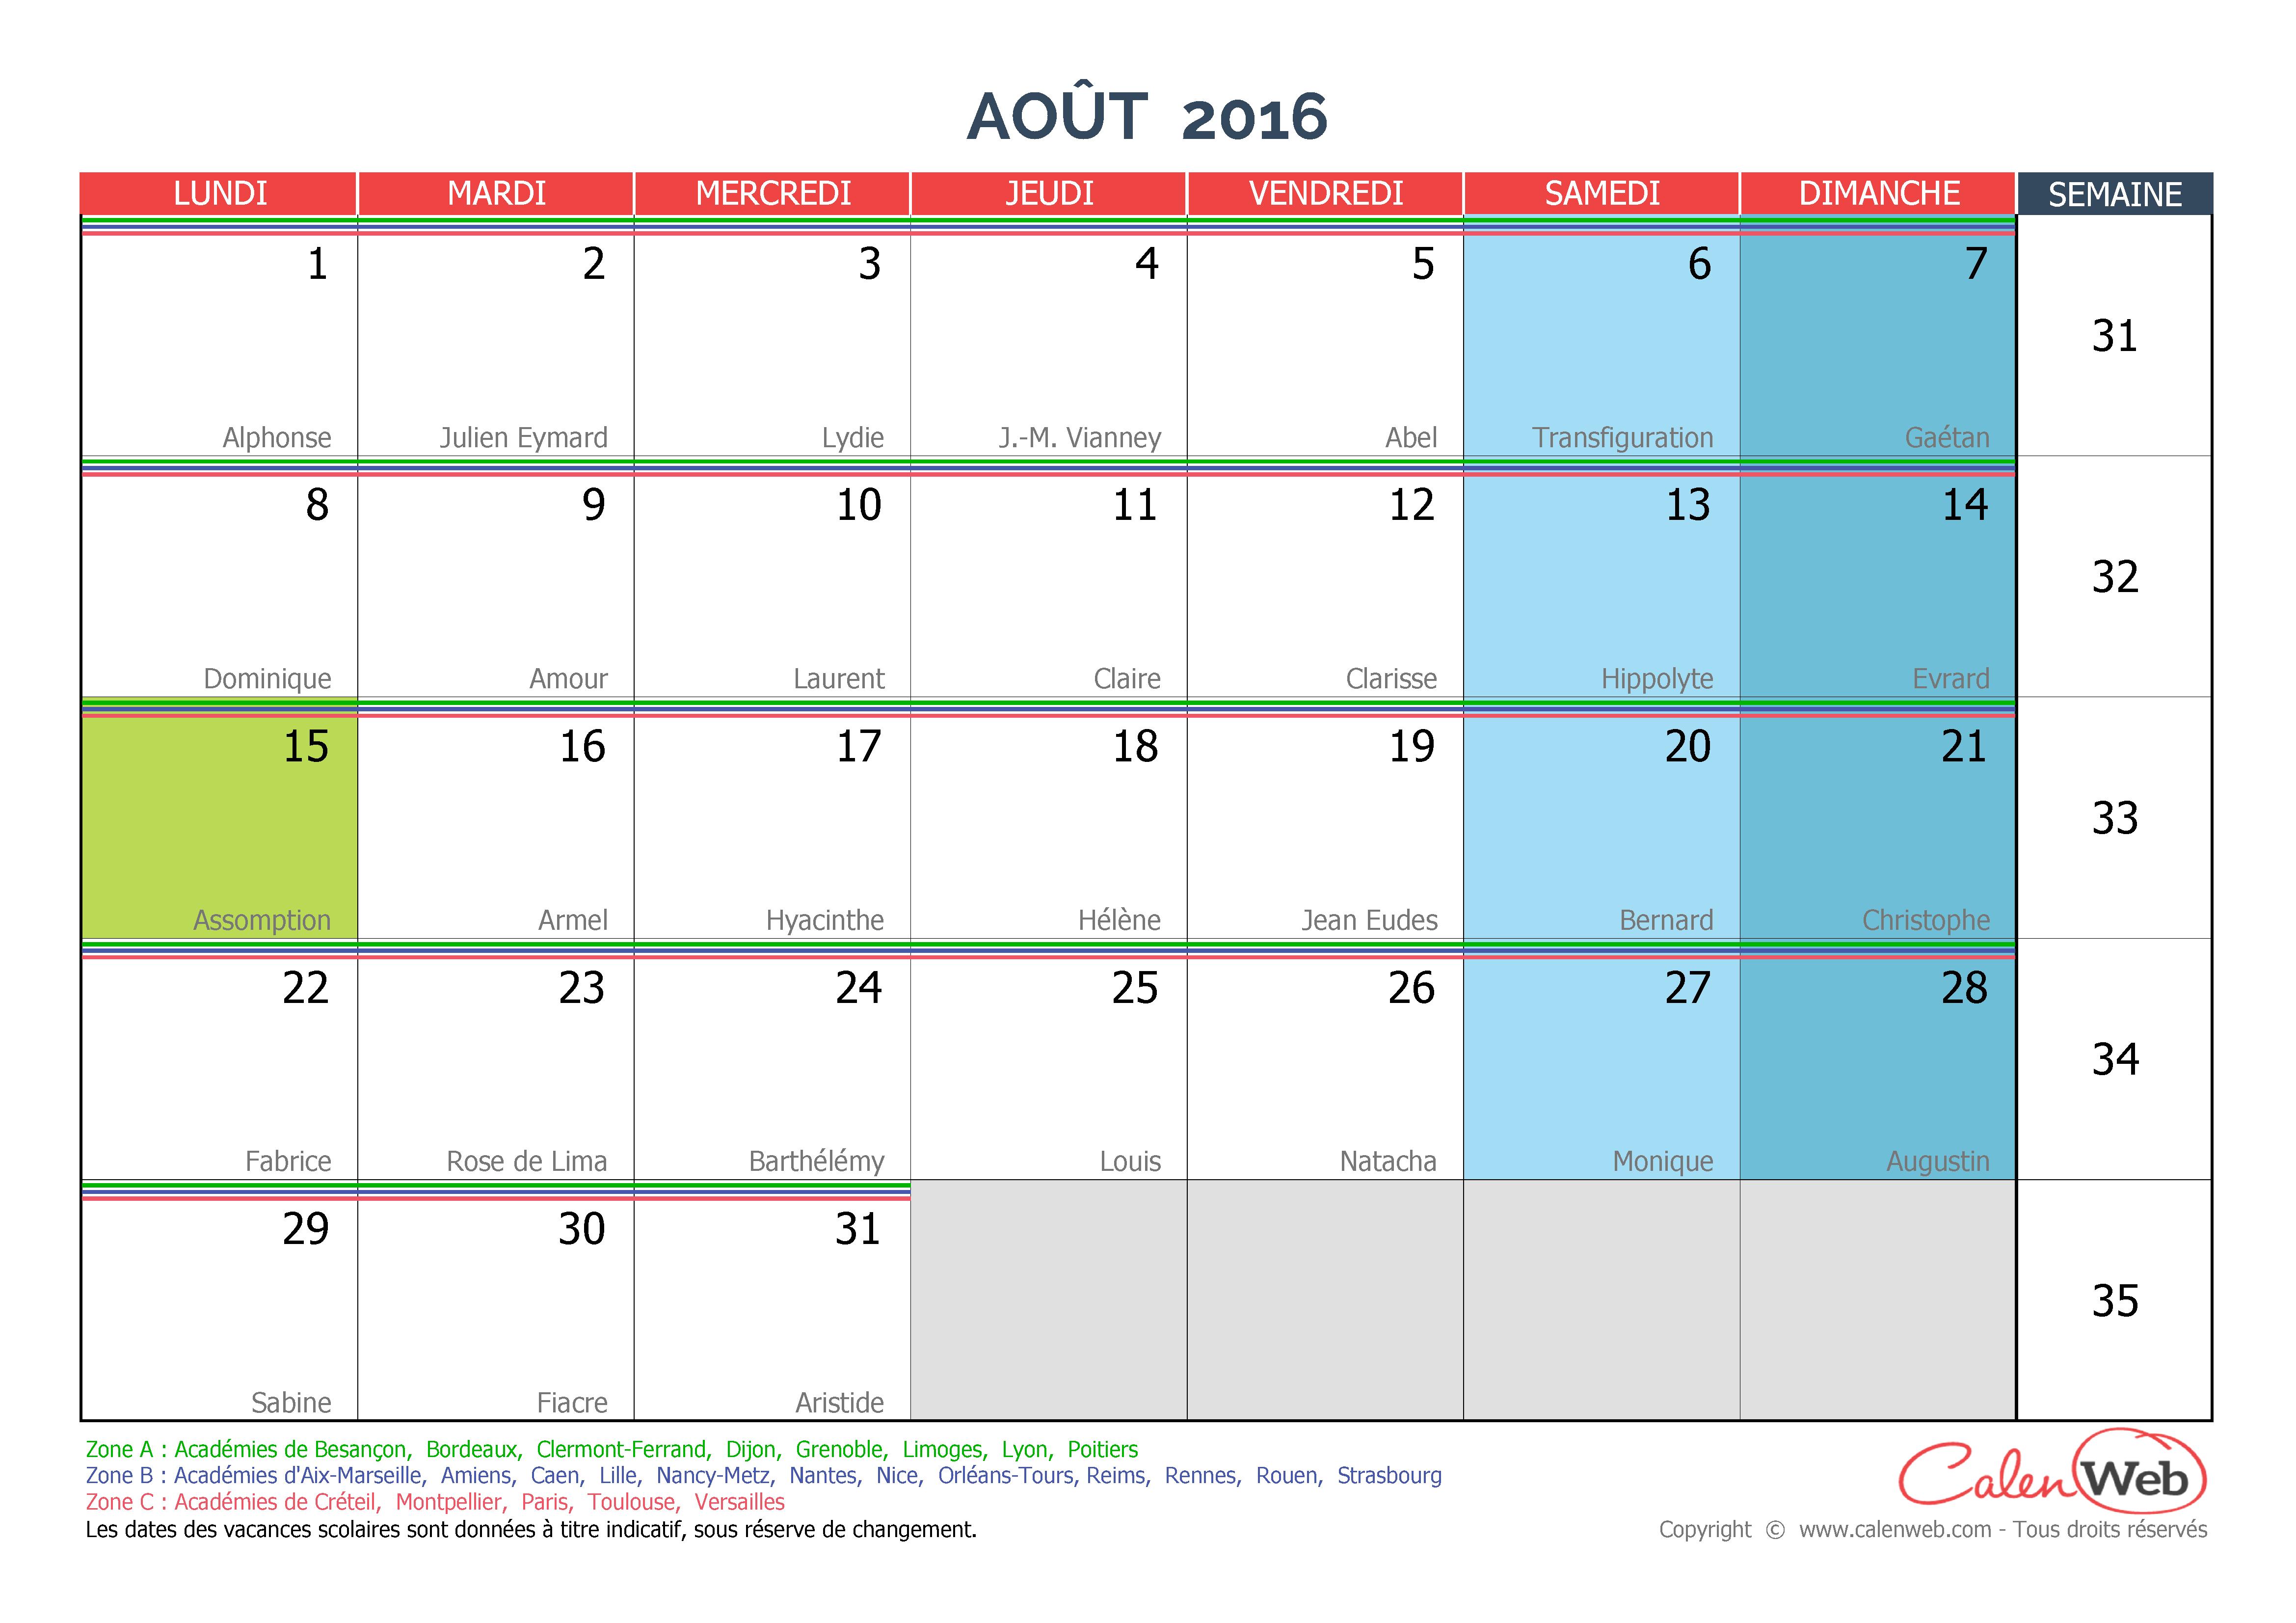 calendrier mensuel mois d 39 ao t 2016 avec f tes jours f ri s et vacances scolaires. Black Bedroom Furniture Sets. Home Design Ideas